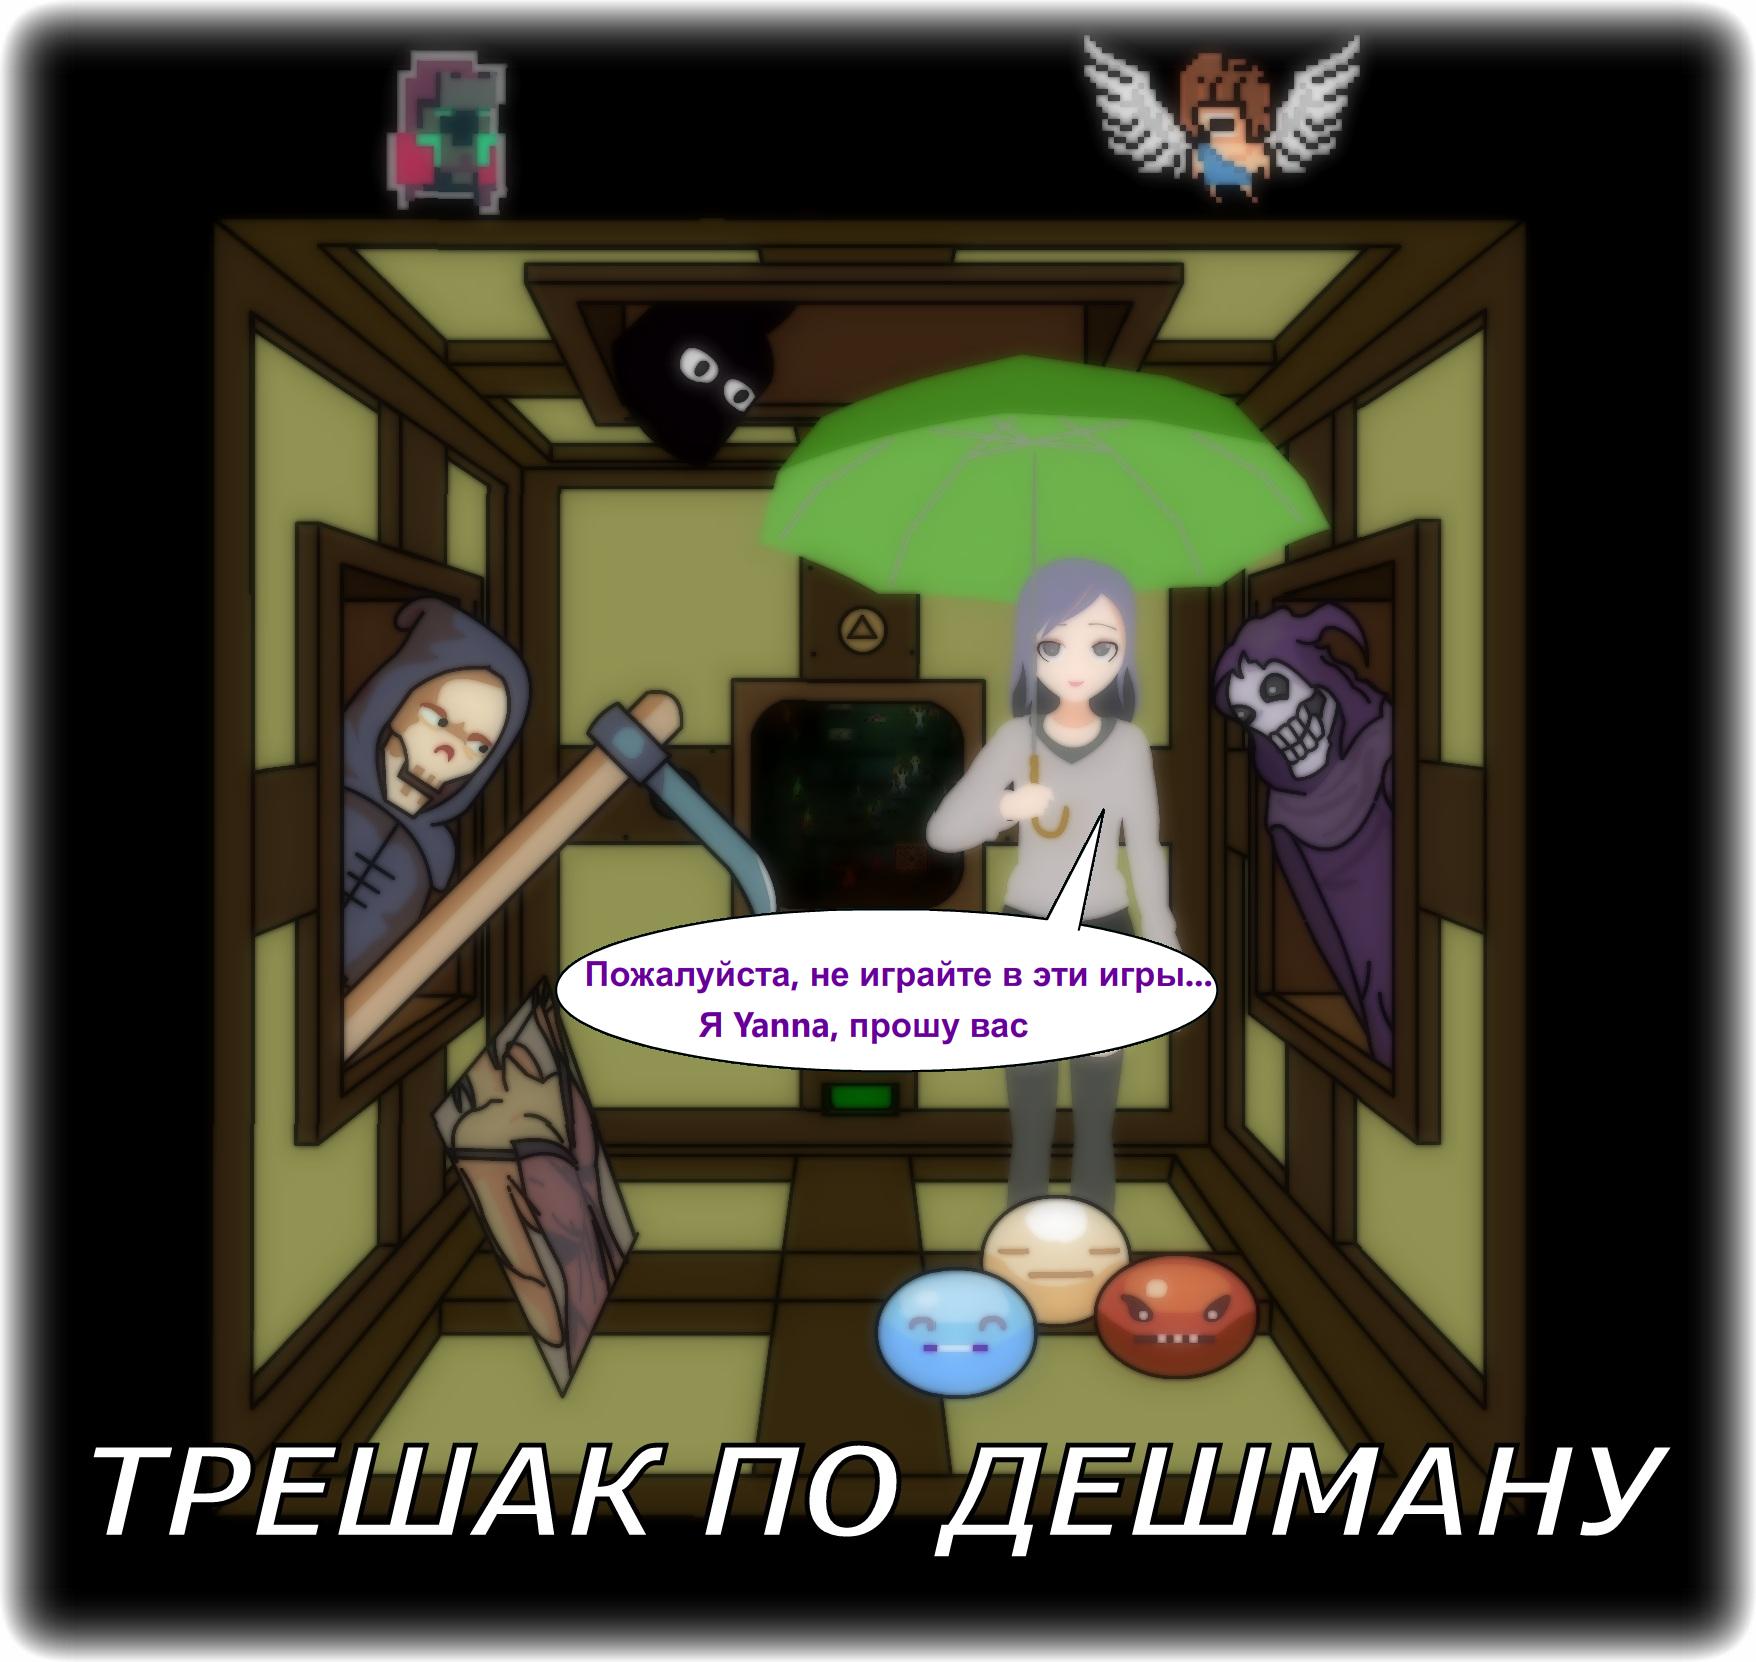 Трешак по скидосу №__   Возвращение?. - Изображение 1